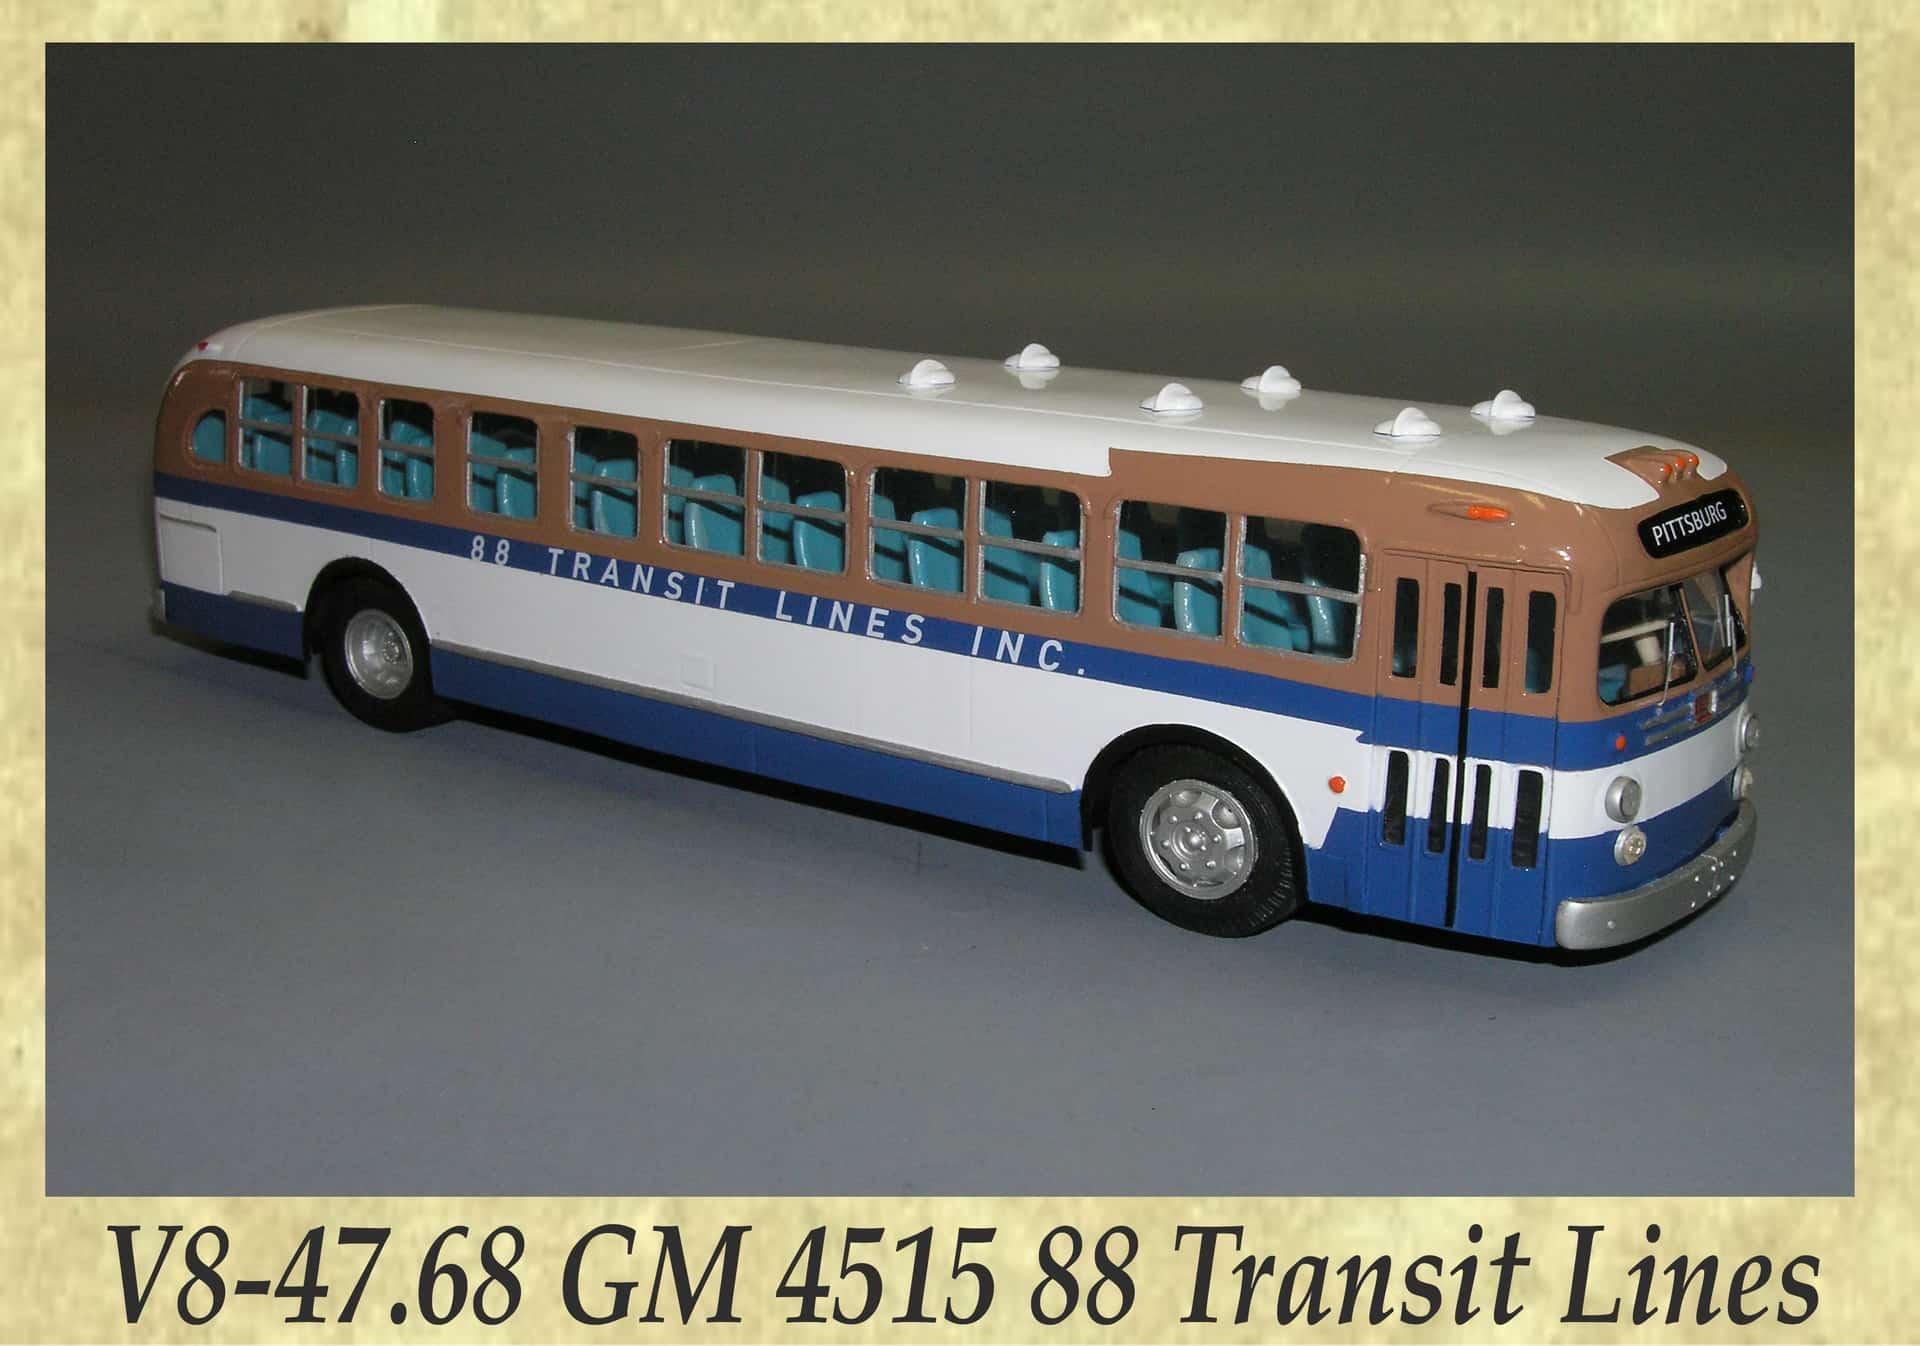 V8-47.68 GM 4515 88 Transit Lines